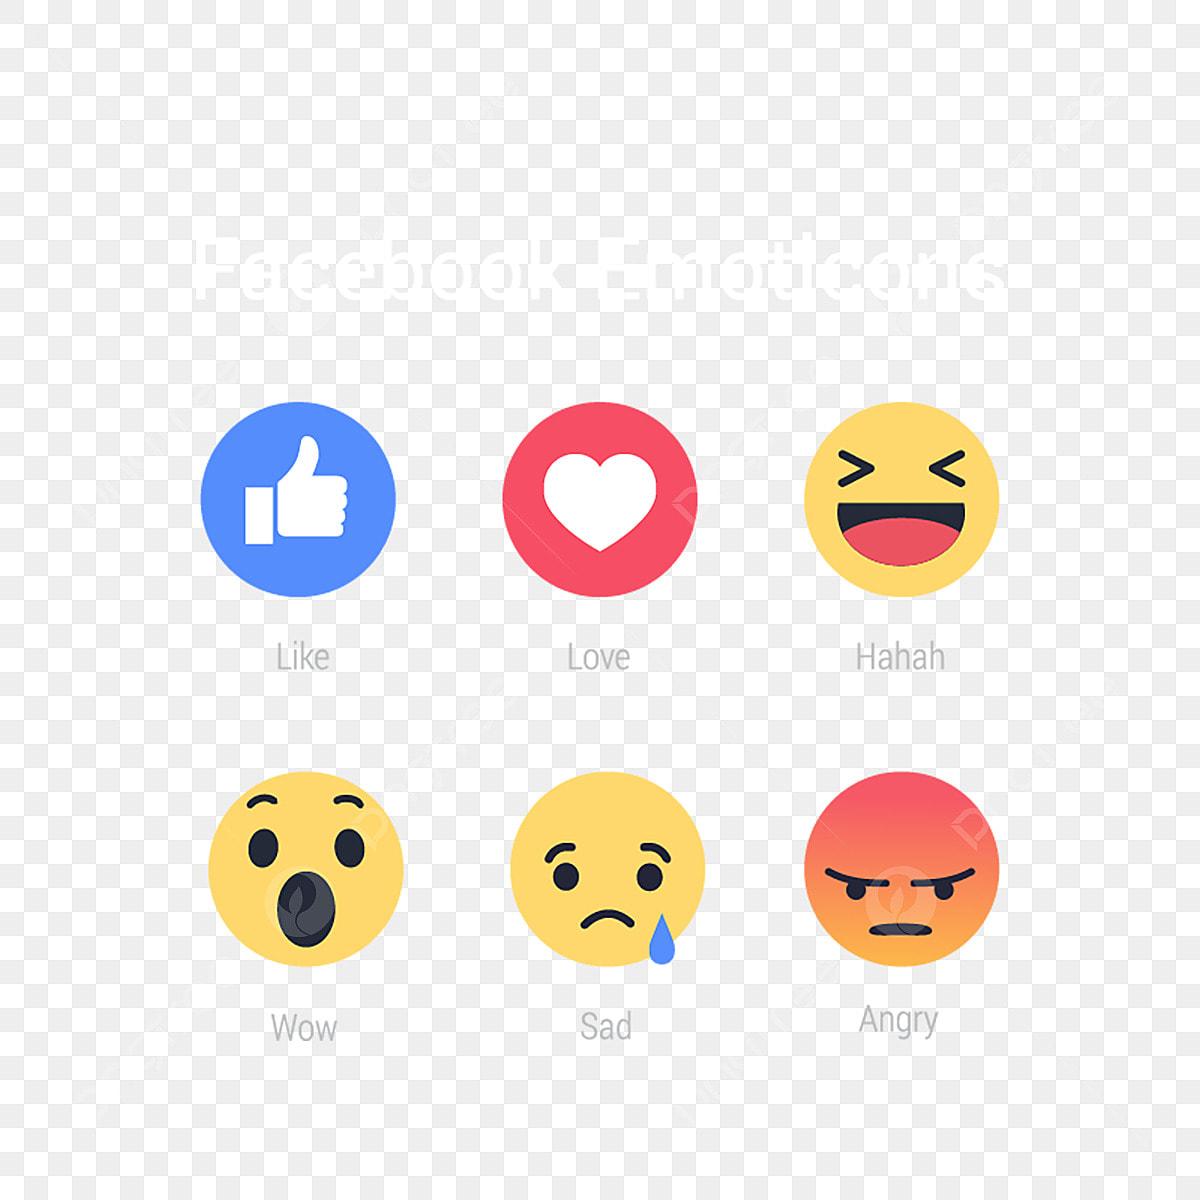 الفيس بوك الرموز ناقلات على خلفية دراق مثل الحب فيسبوك Png